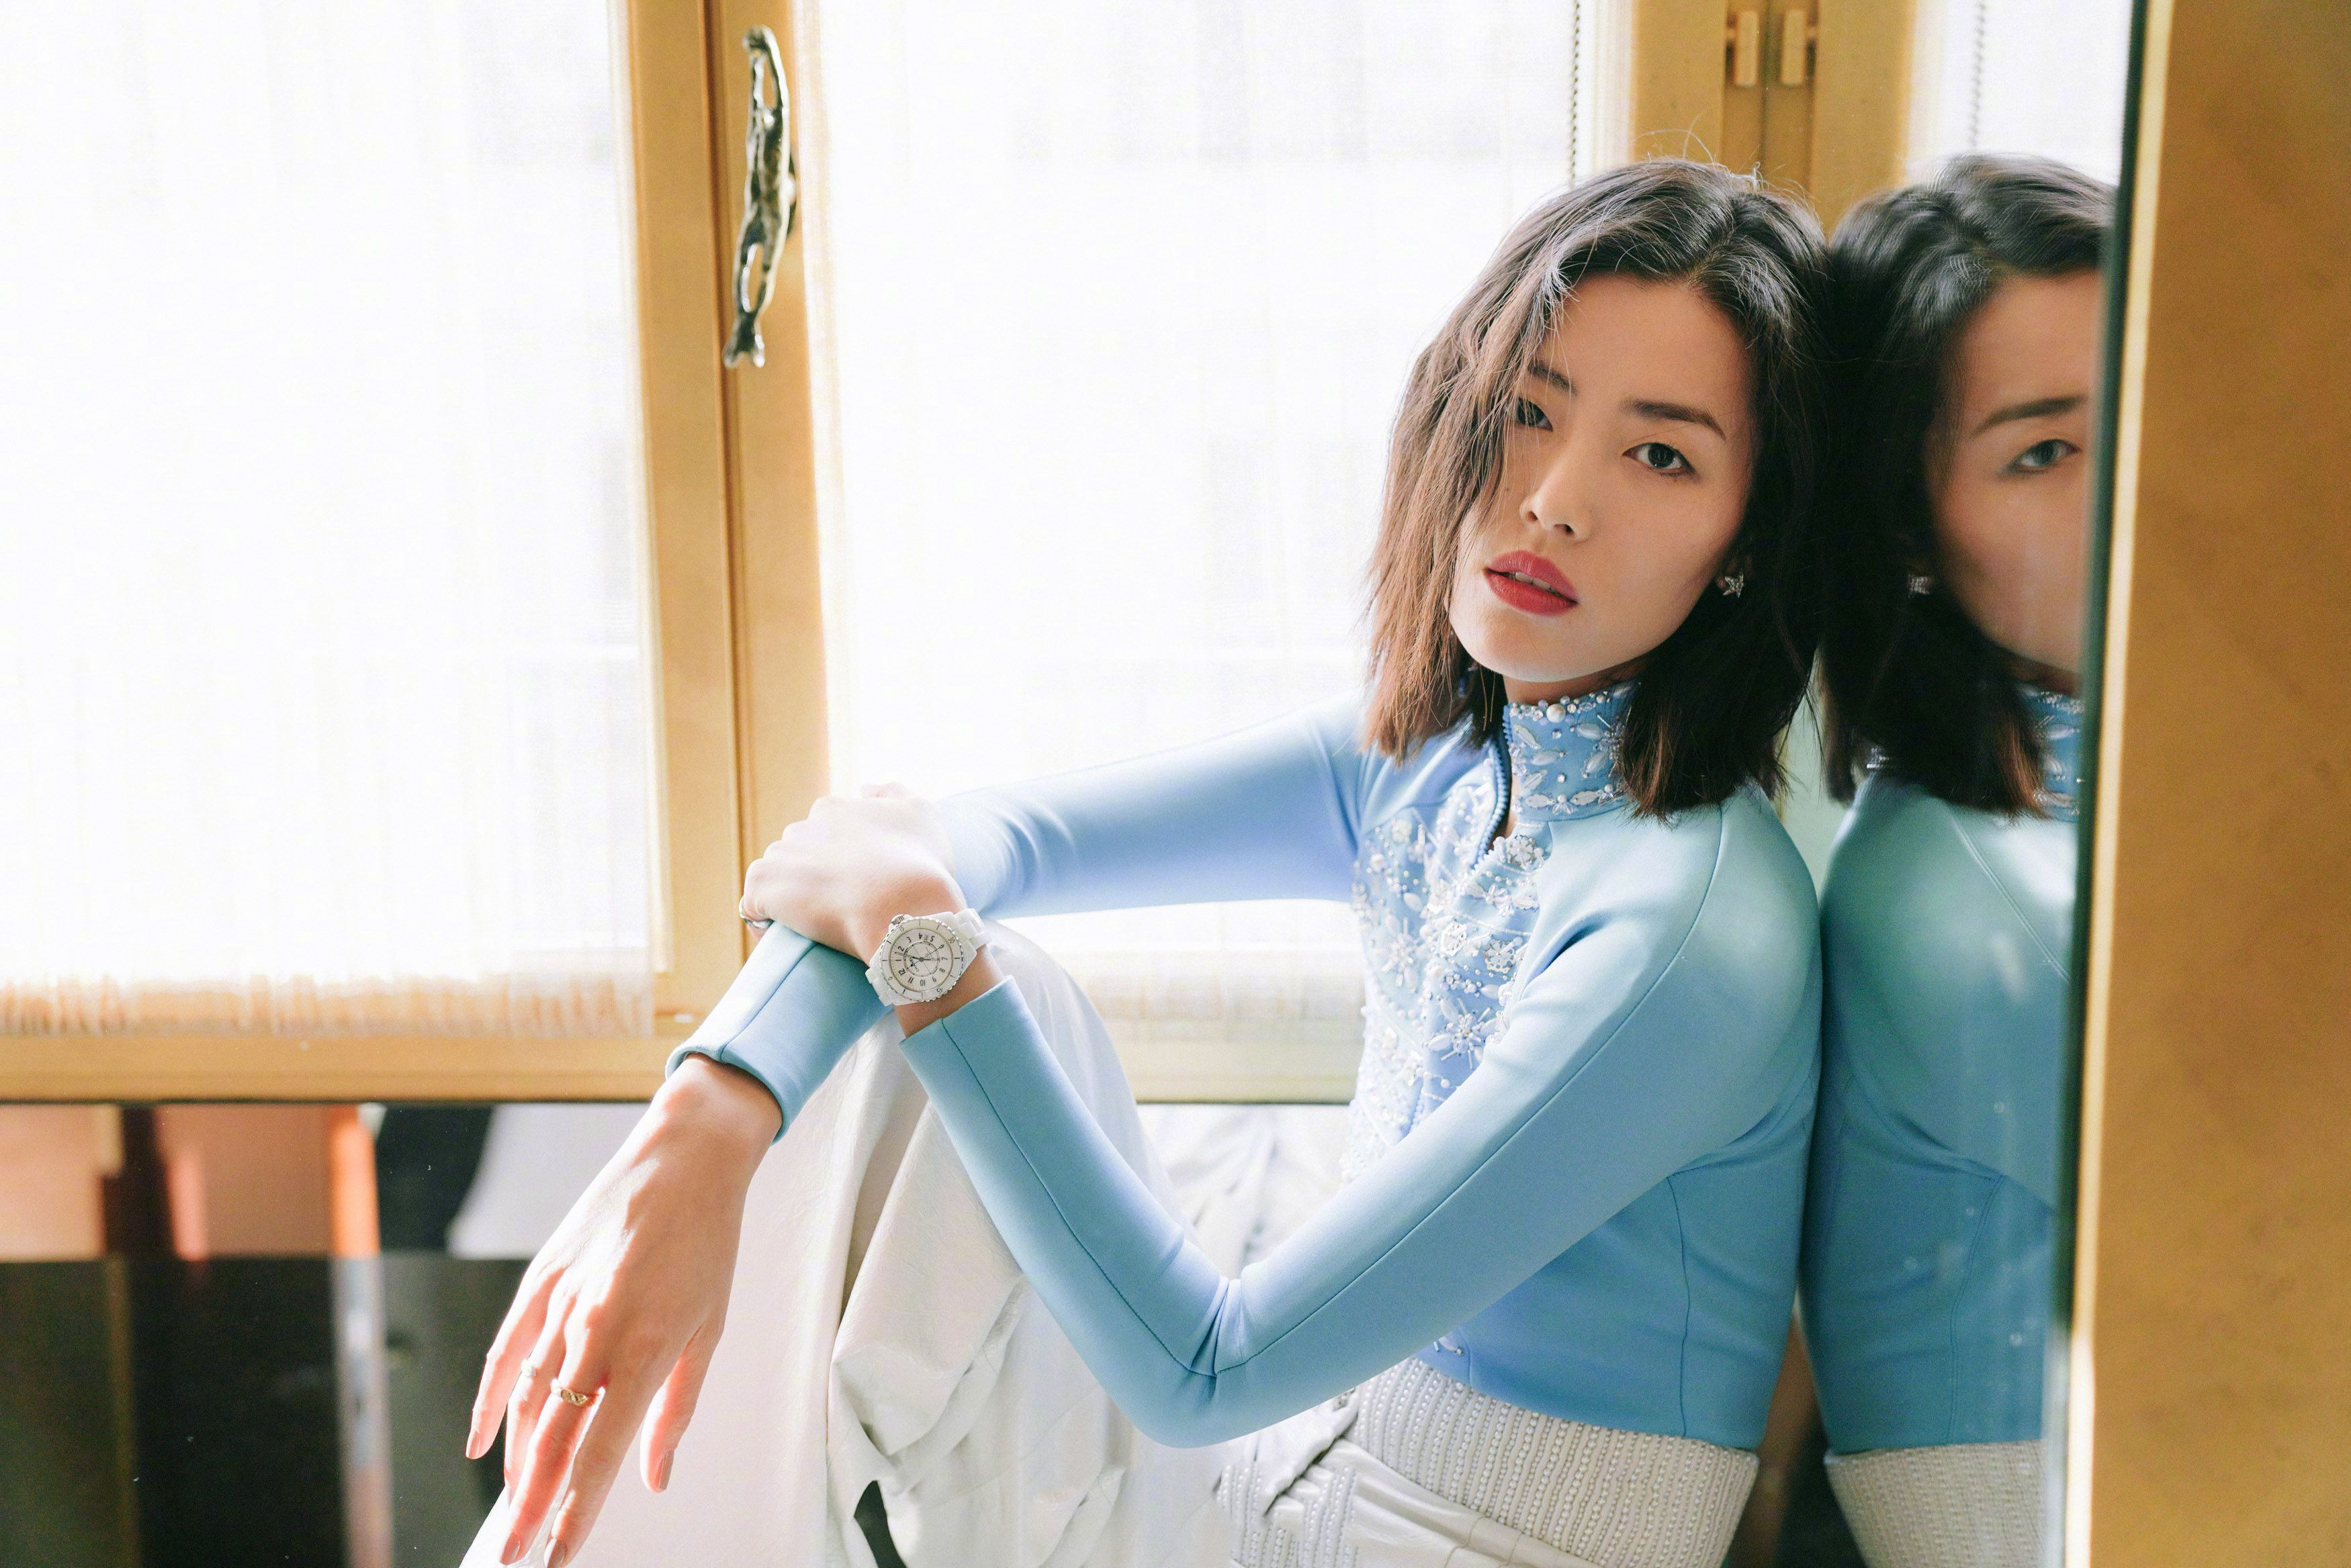 刘雯解约后登时尚杂志,事业或将持续亮绿灯,大众纷纷买单表支持